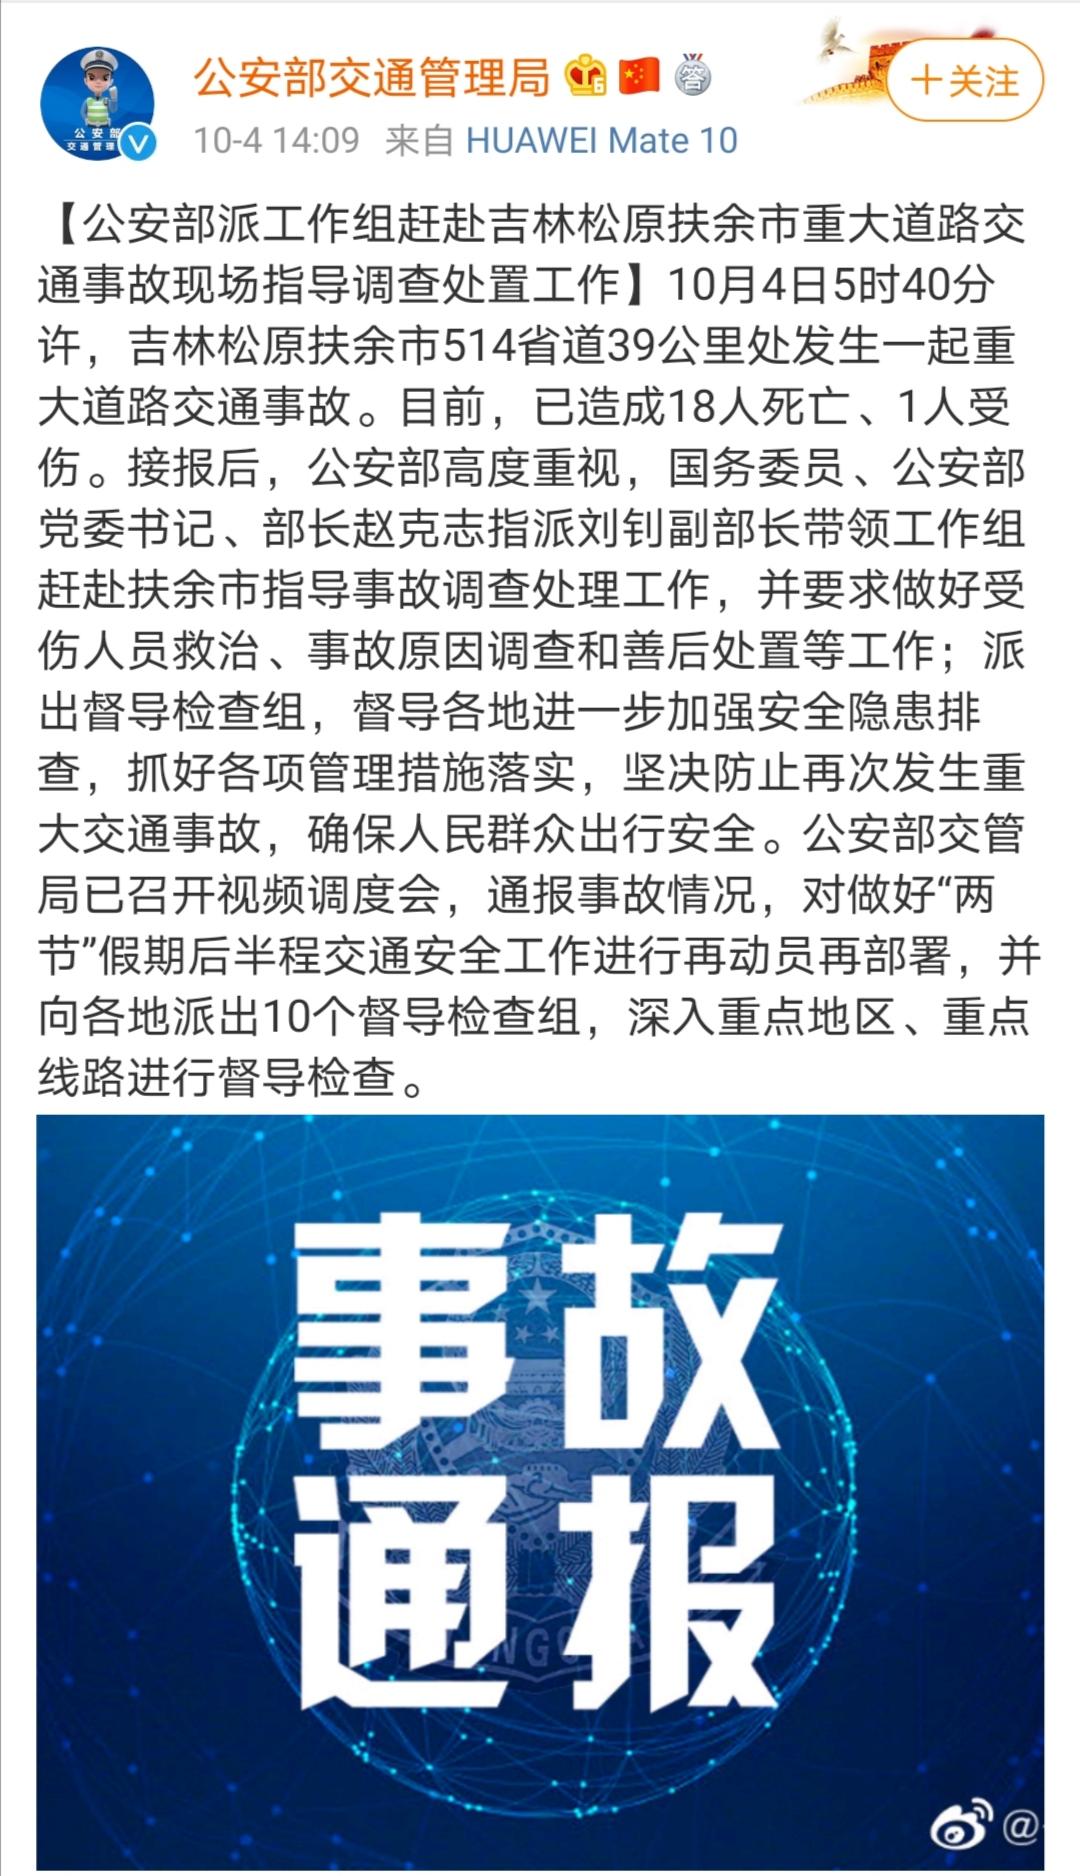 【快猫网址学习】_吉林扶余车祸致18人死亡,附近村民称死者多为去掰苞米的零工